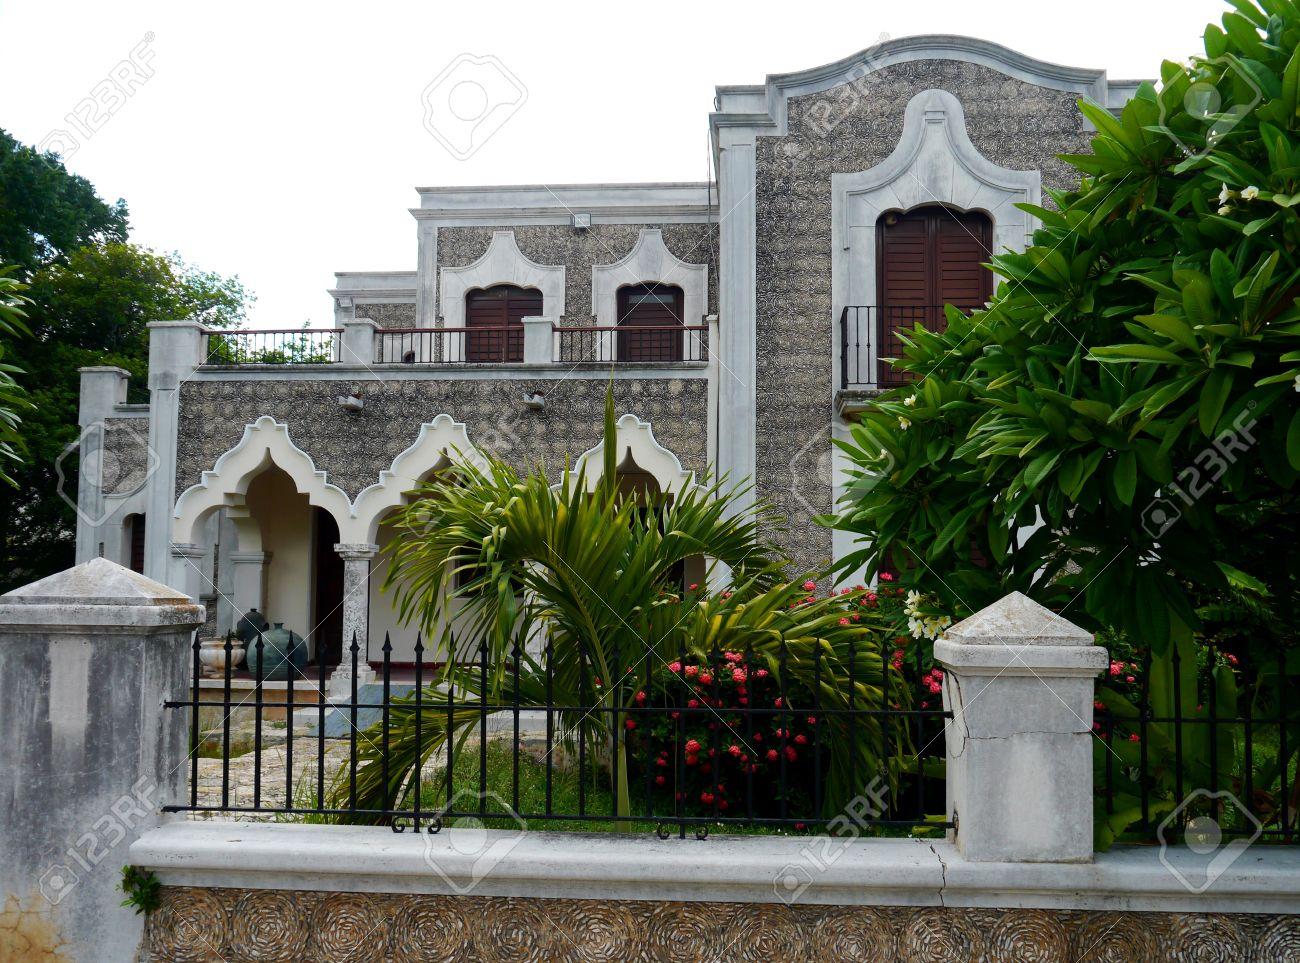 casas de arquitectura mexicana